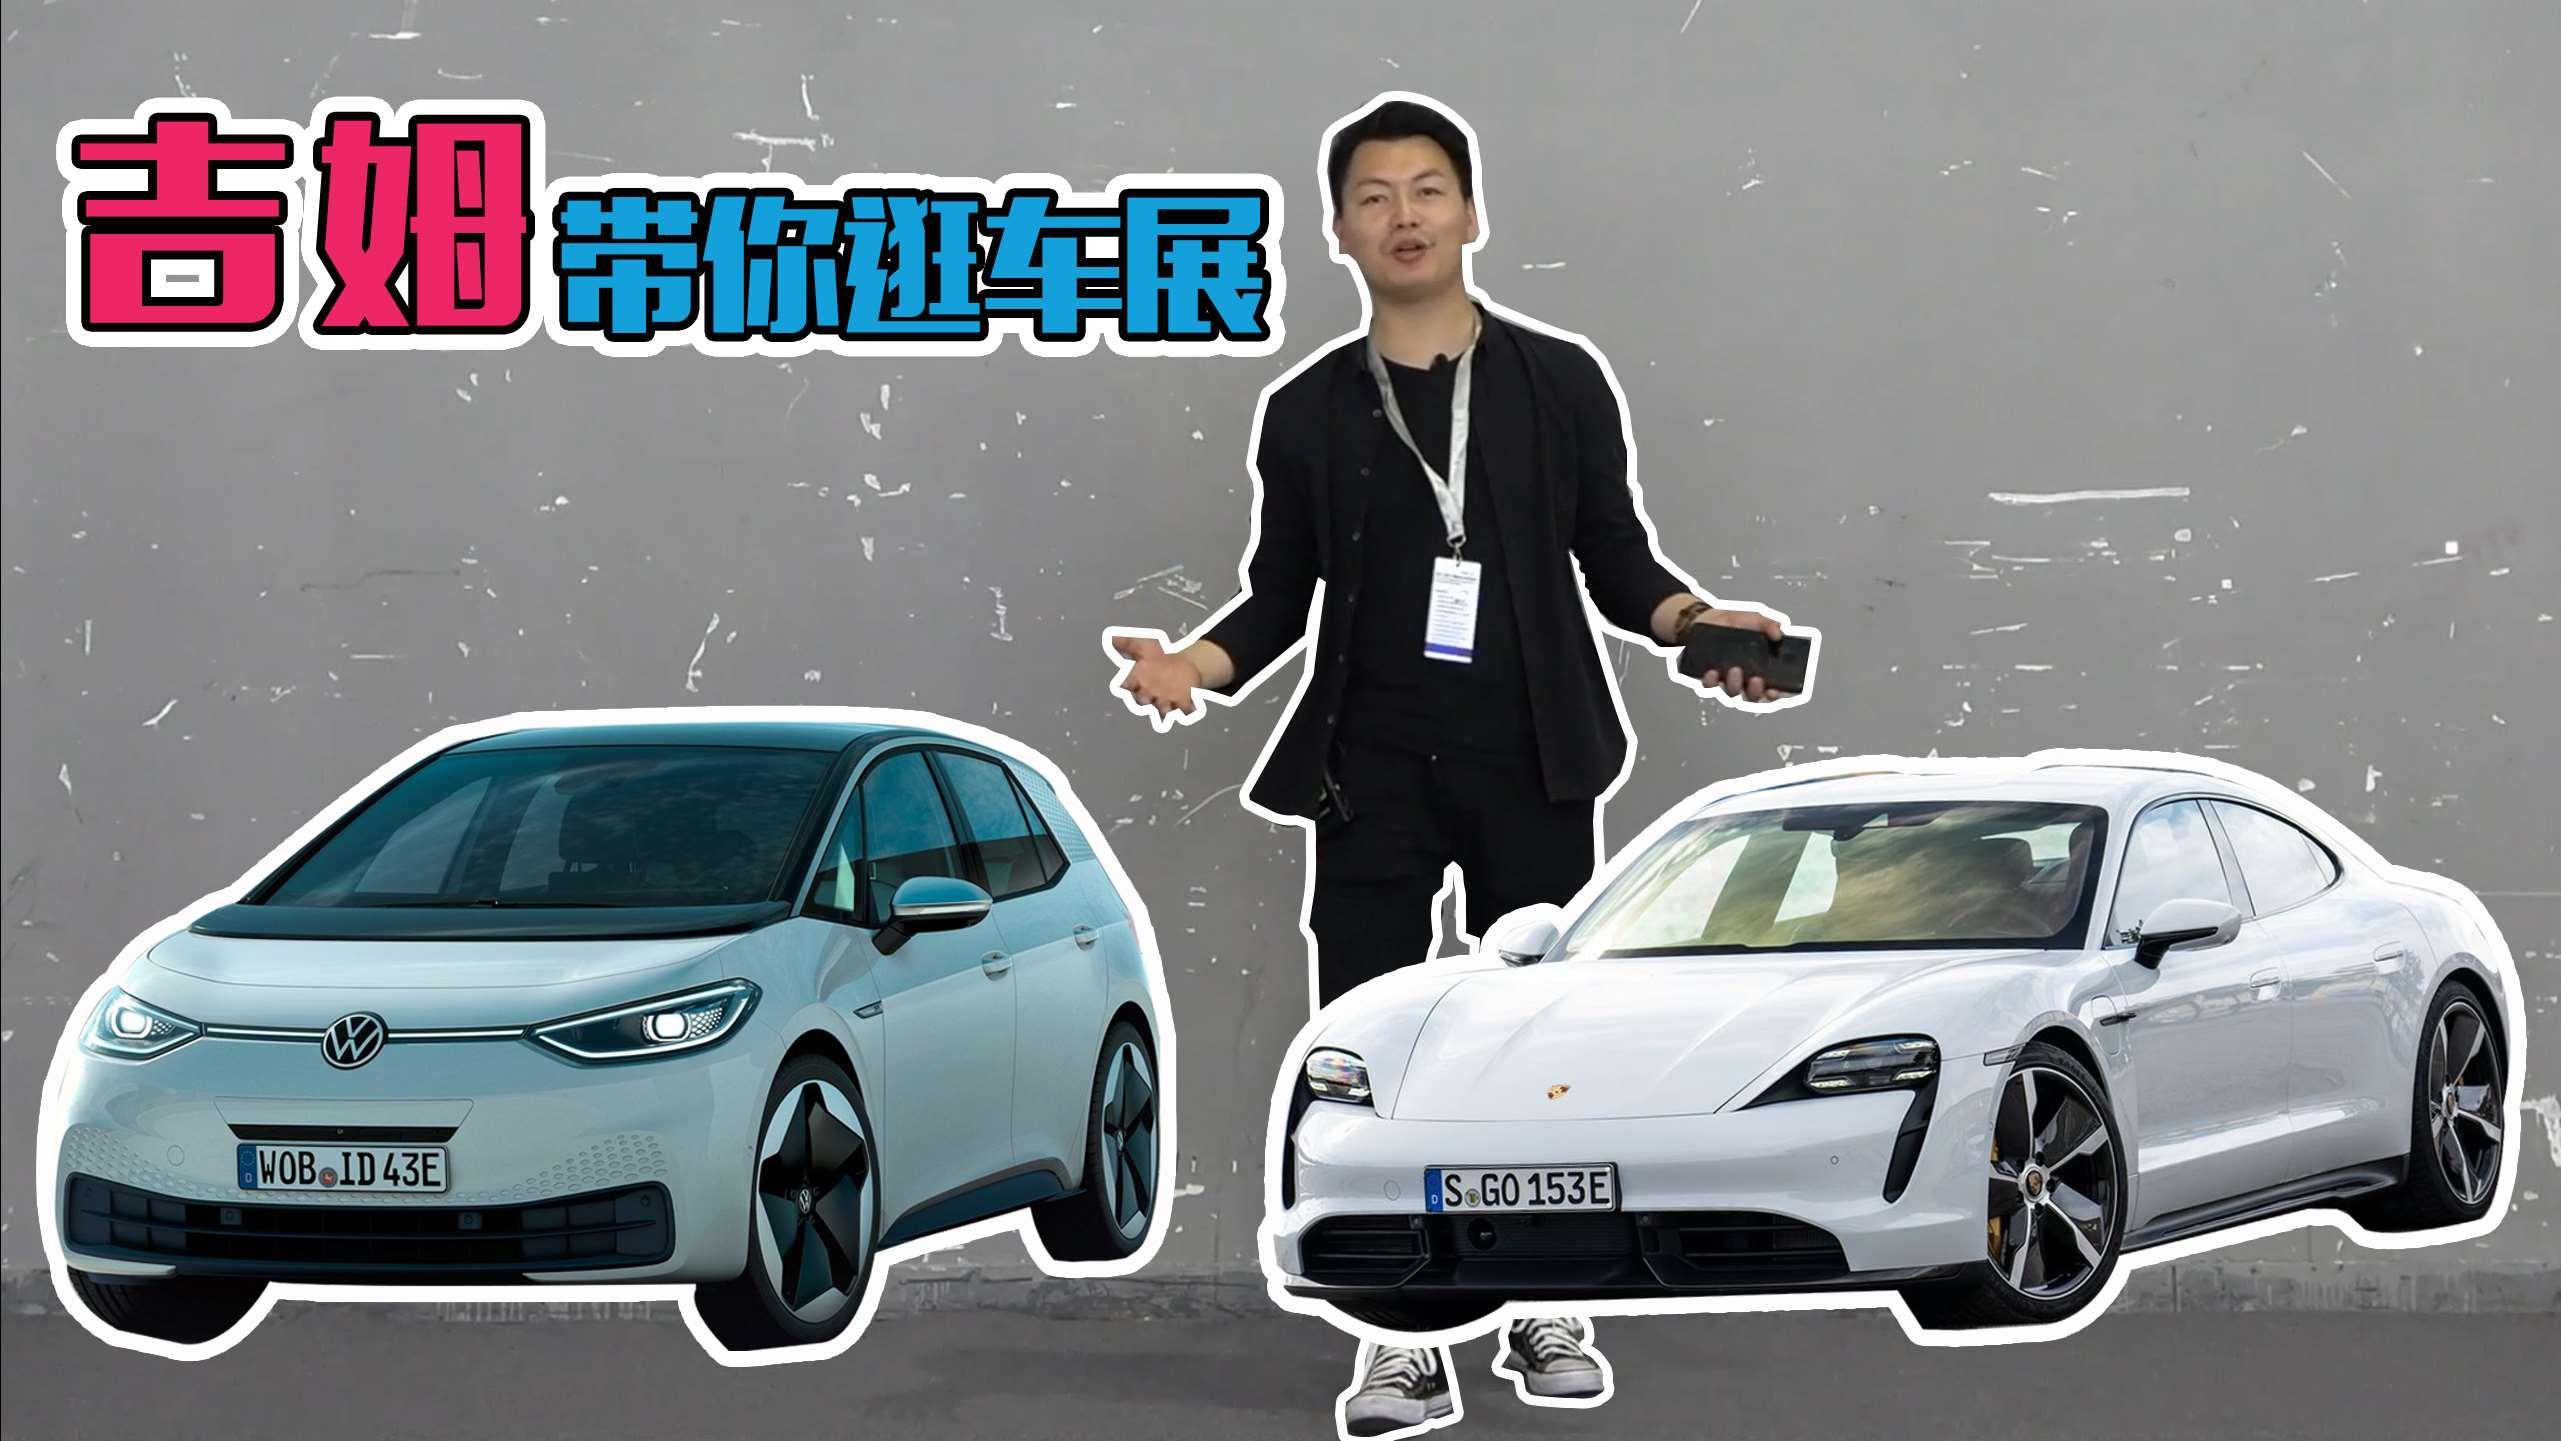 细品2019广州车展,传统车企如何在新能源领域发力?